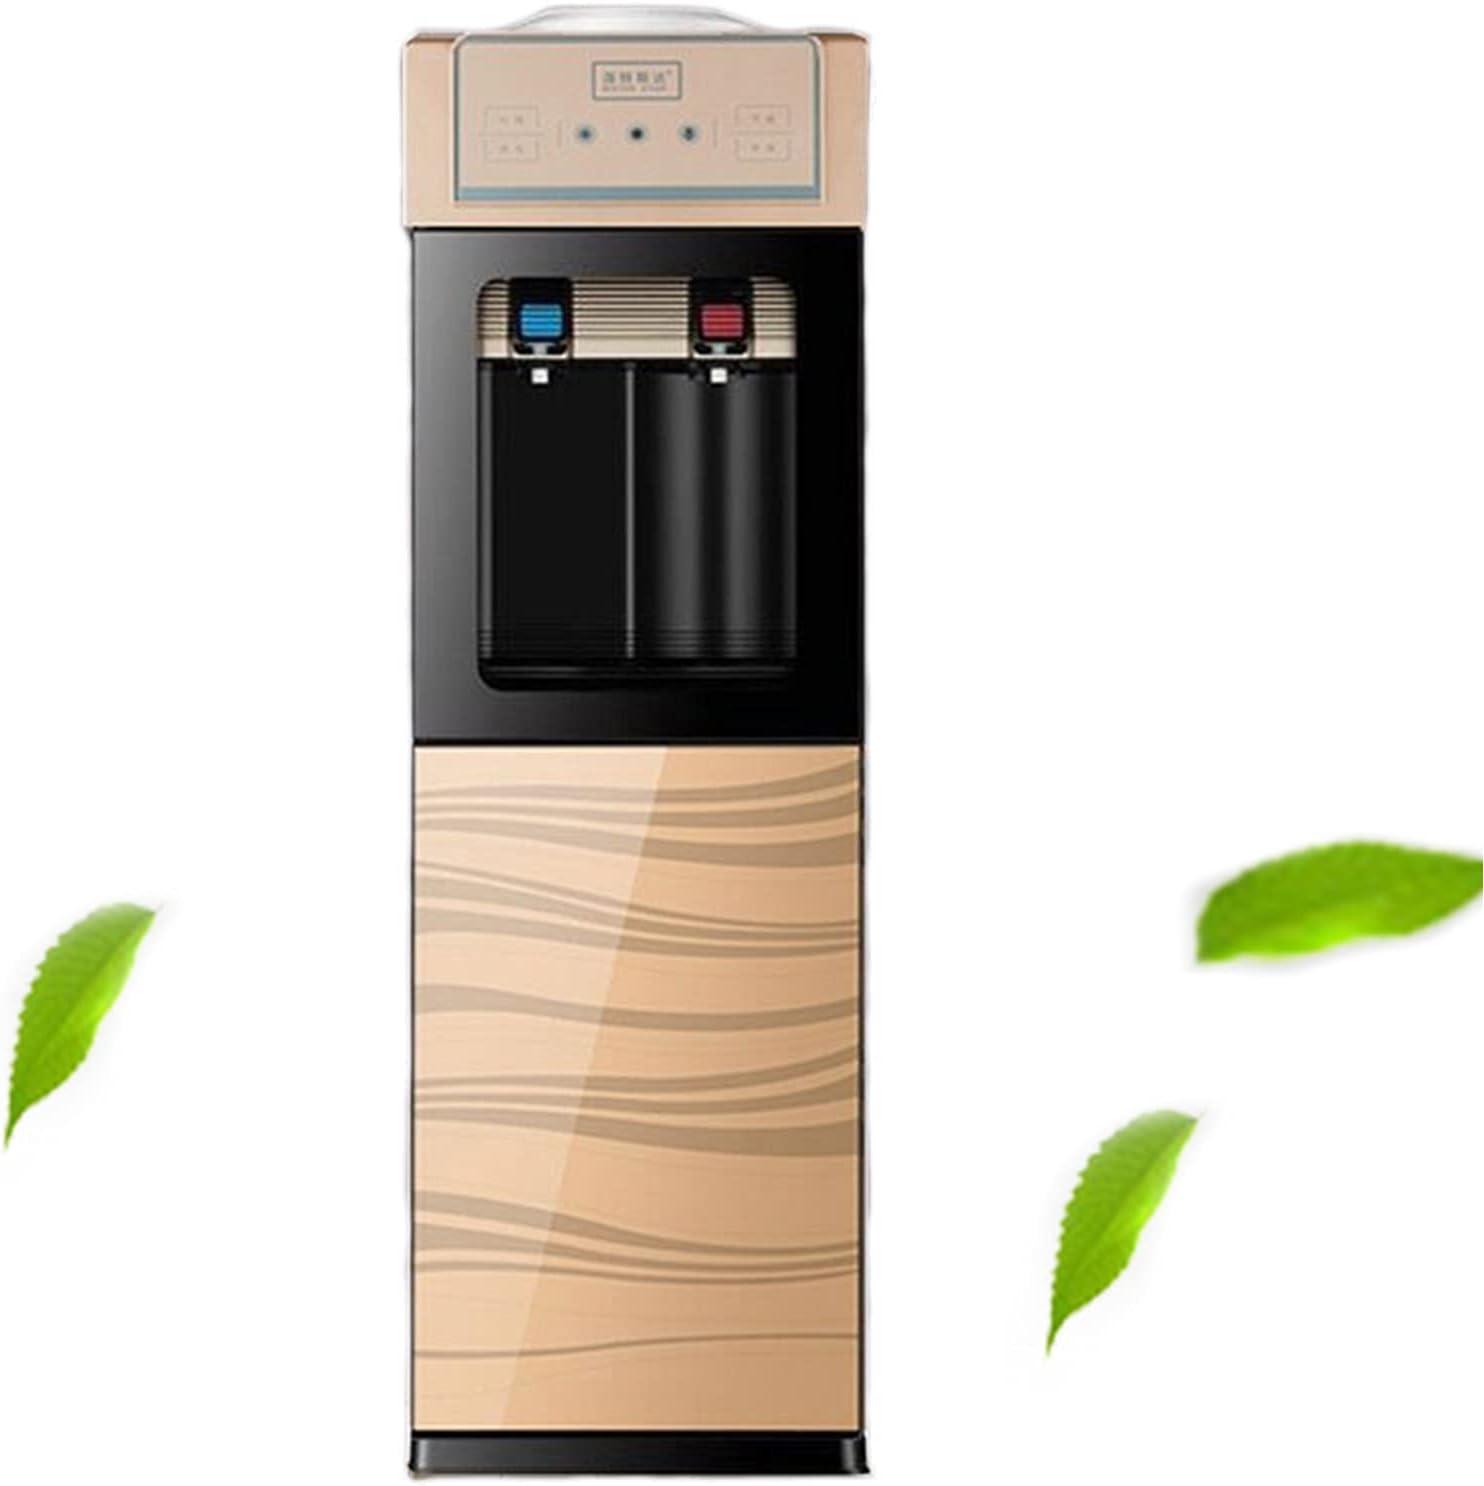 Dispensador de Agua para Garrafas, Electrico Enfriador de Agua Carga Superior Refrigeración electrónica Independiente Ideal para Oficina y hogar